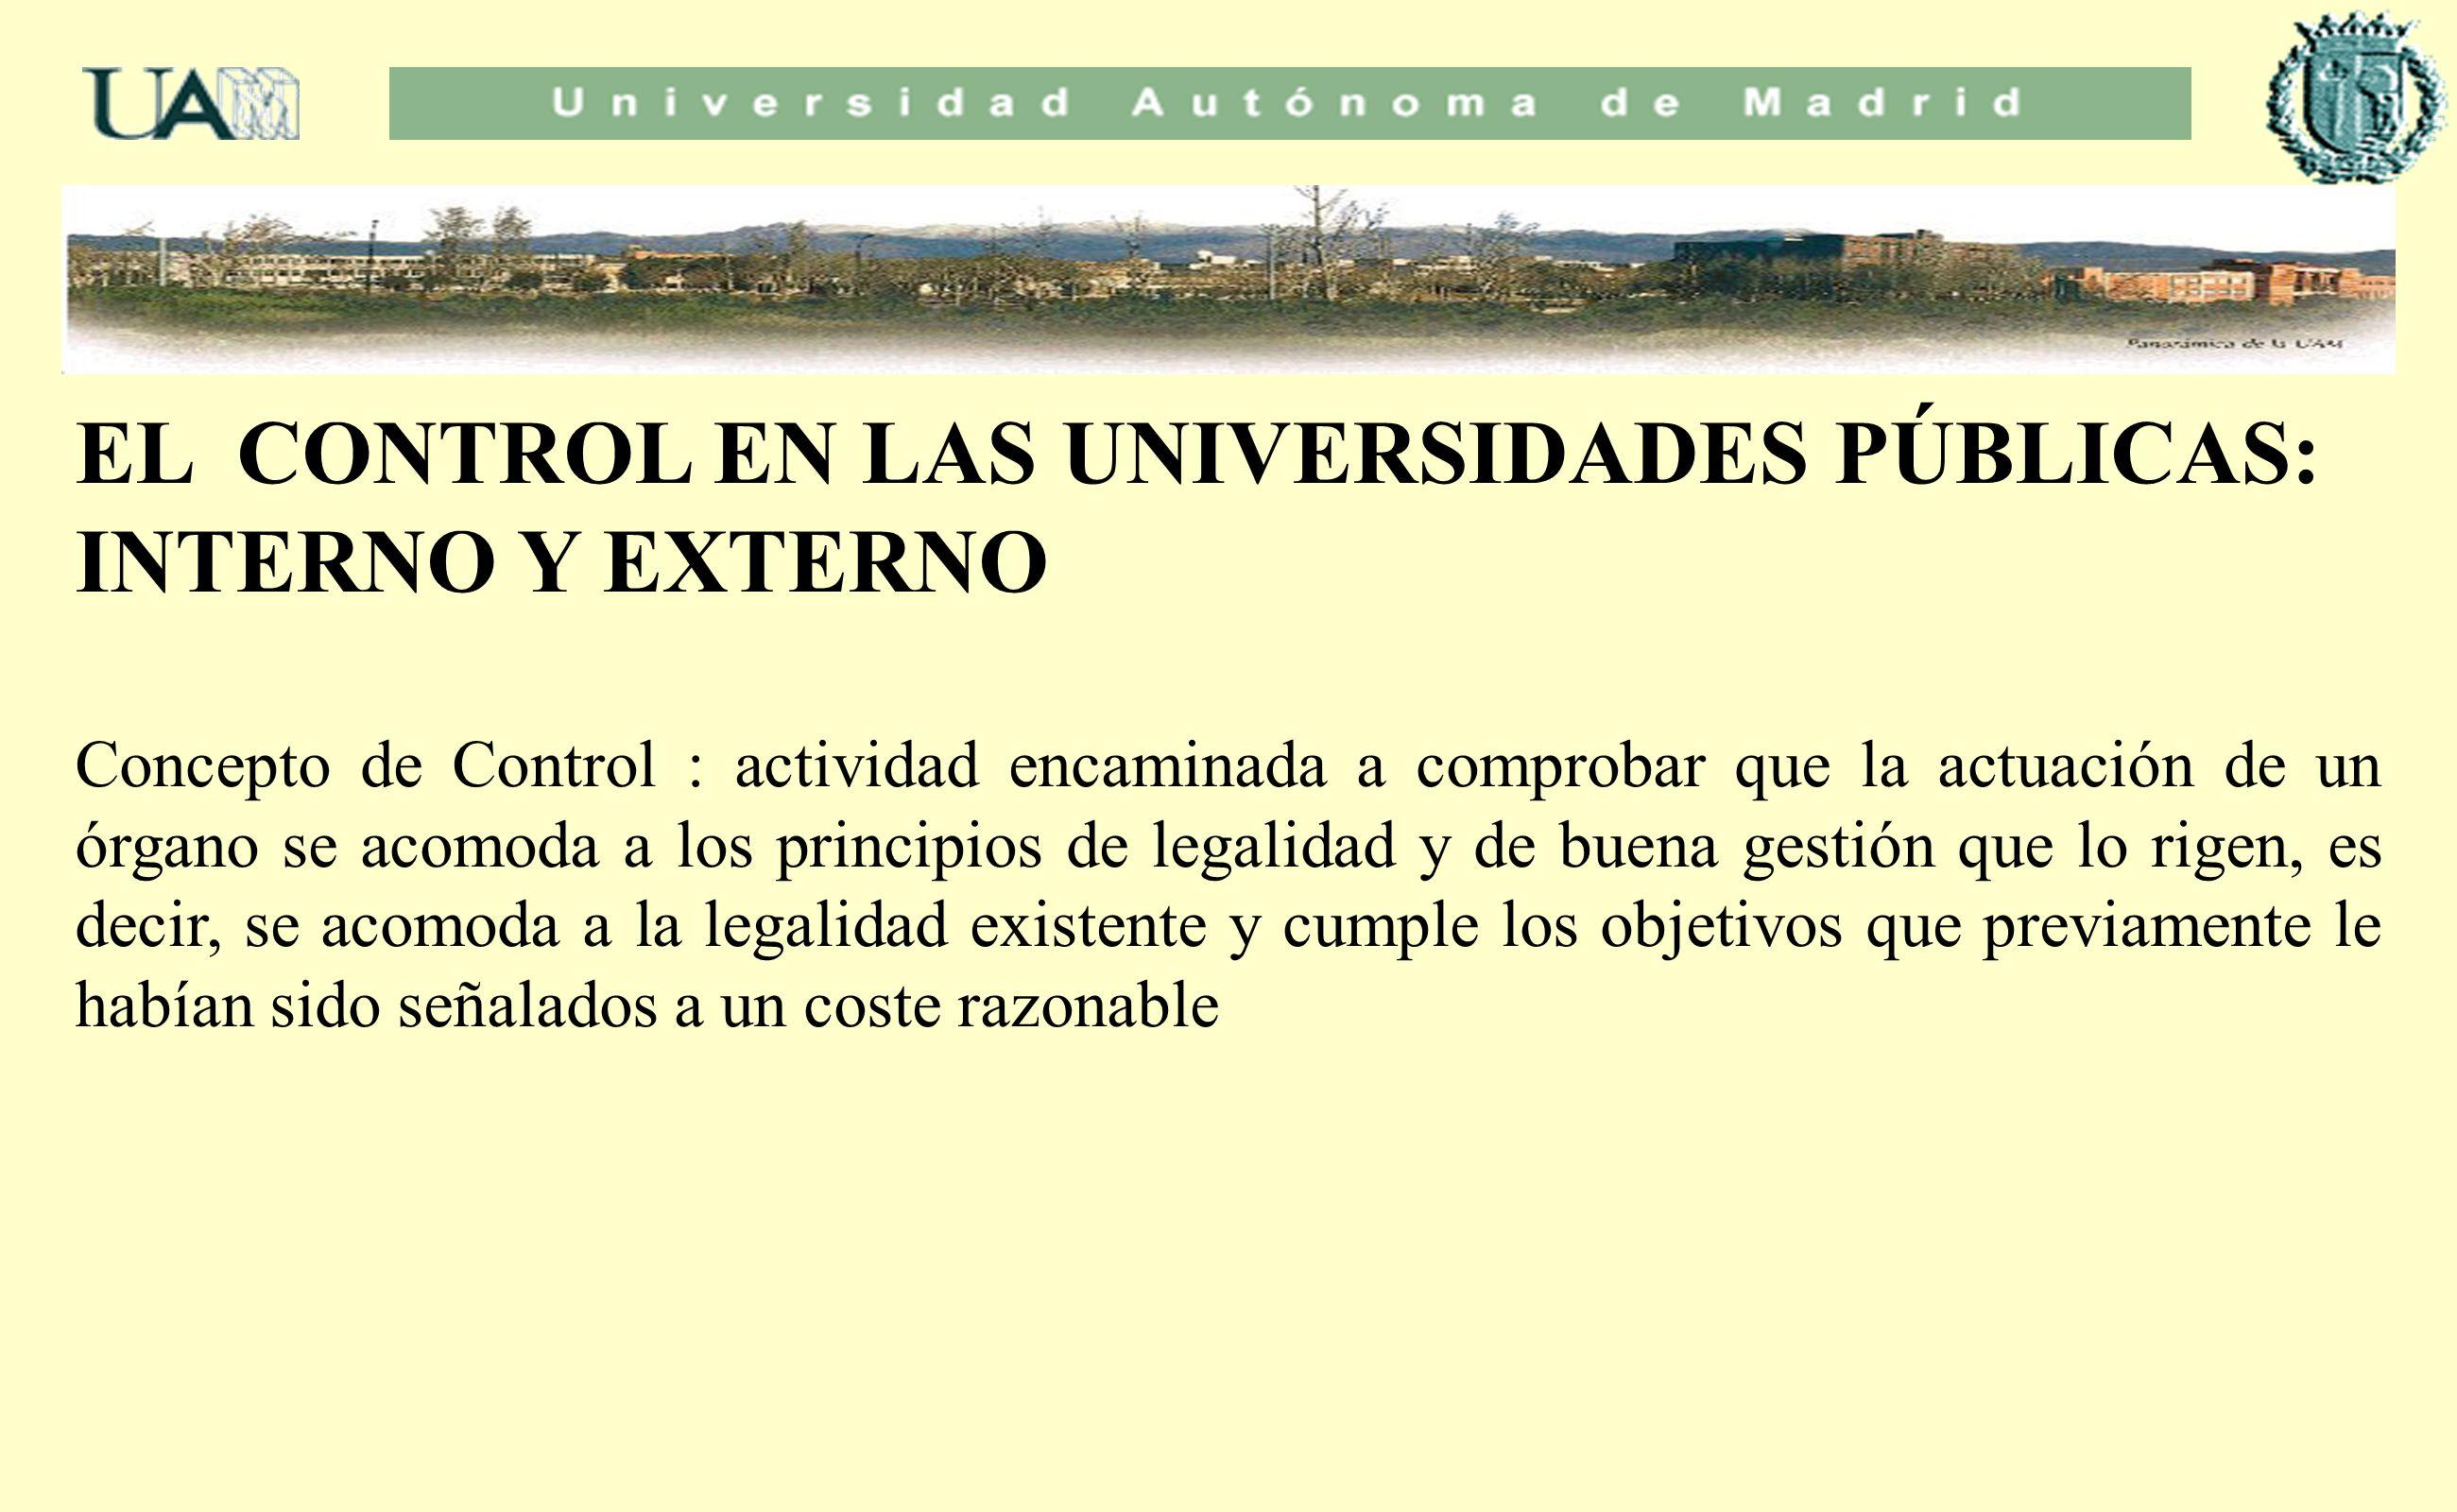 EL CONTROL EN LAS UNIVERSIDADES PÚBLICAS: INTERNO Y EXTERNO Concepto de Control : actividad encaminada a comprobar que la actuación de un órgano se ac